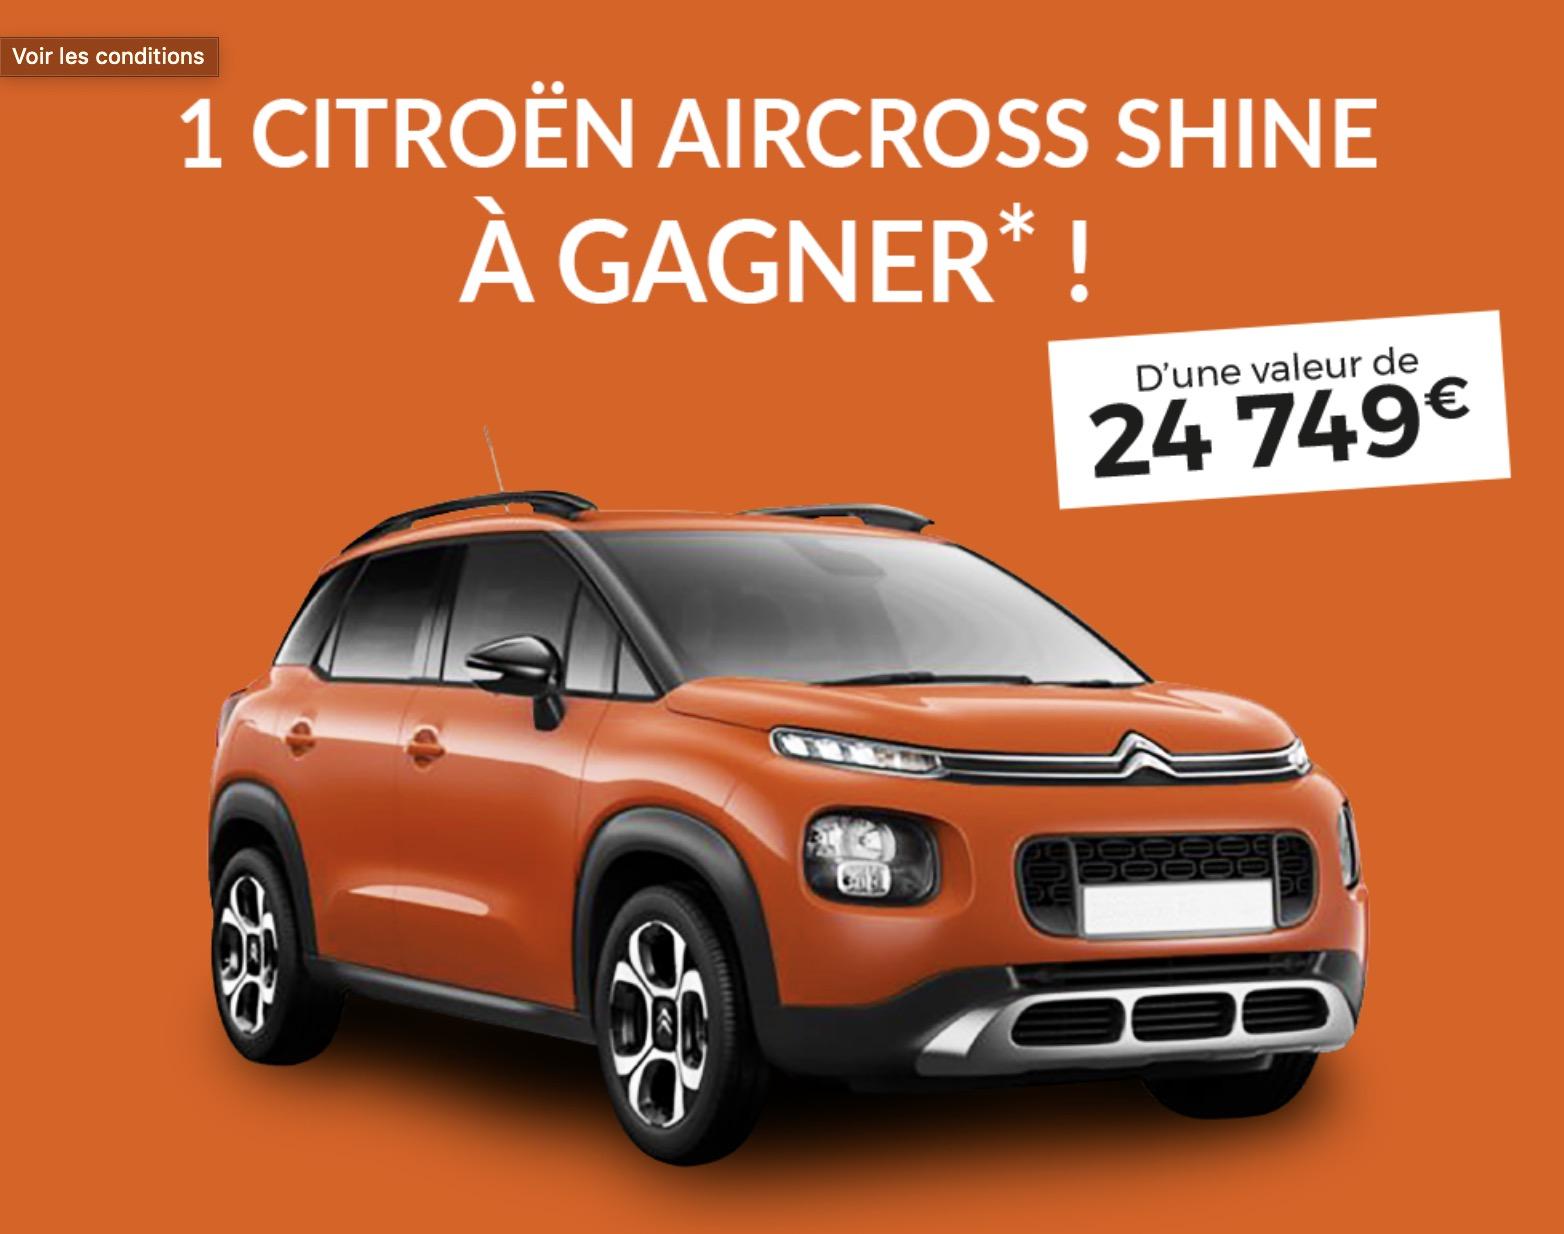 Code promo Blancheporte : Une voiture Citroën Aircross Shine d'une valeur de 24749€ à gagner